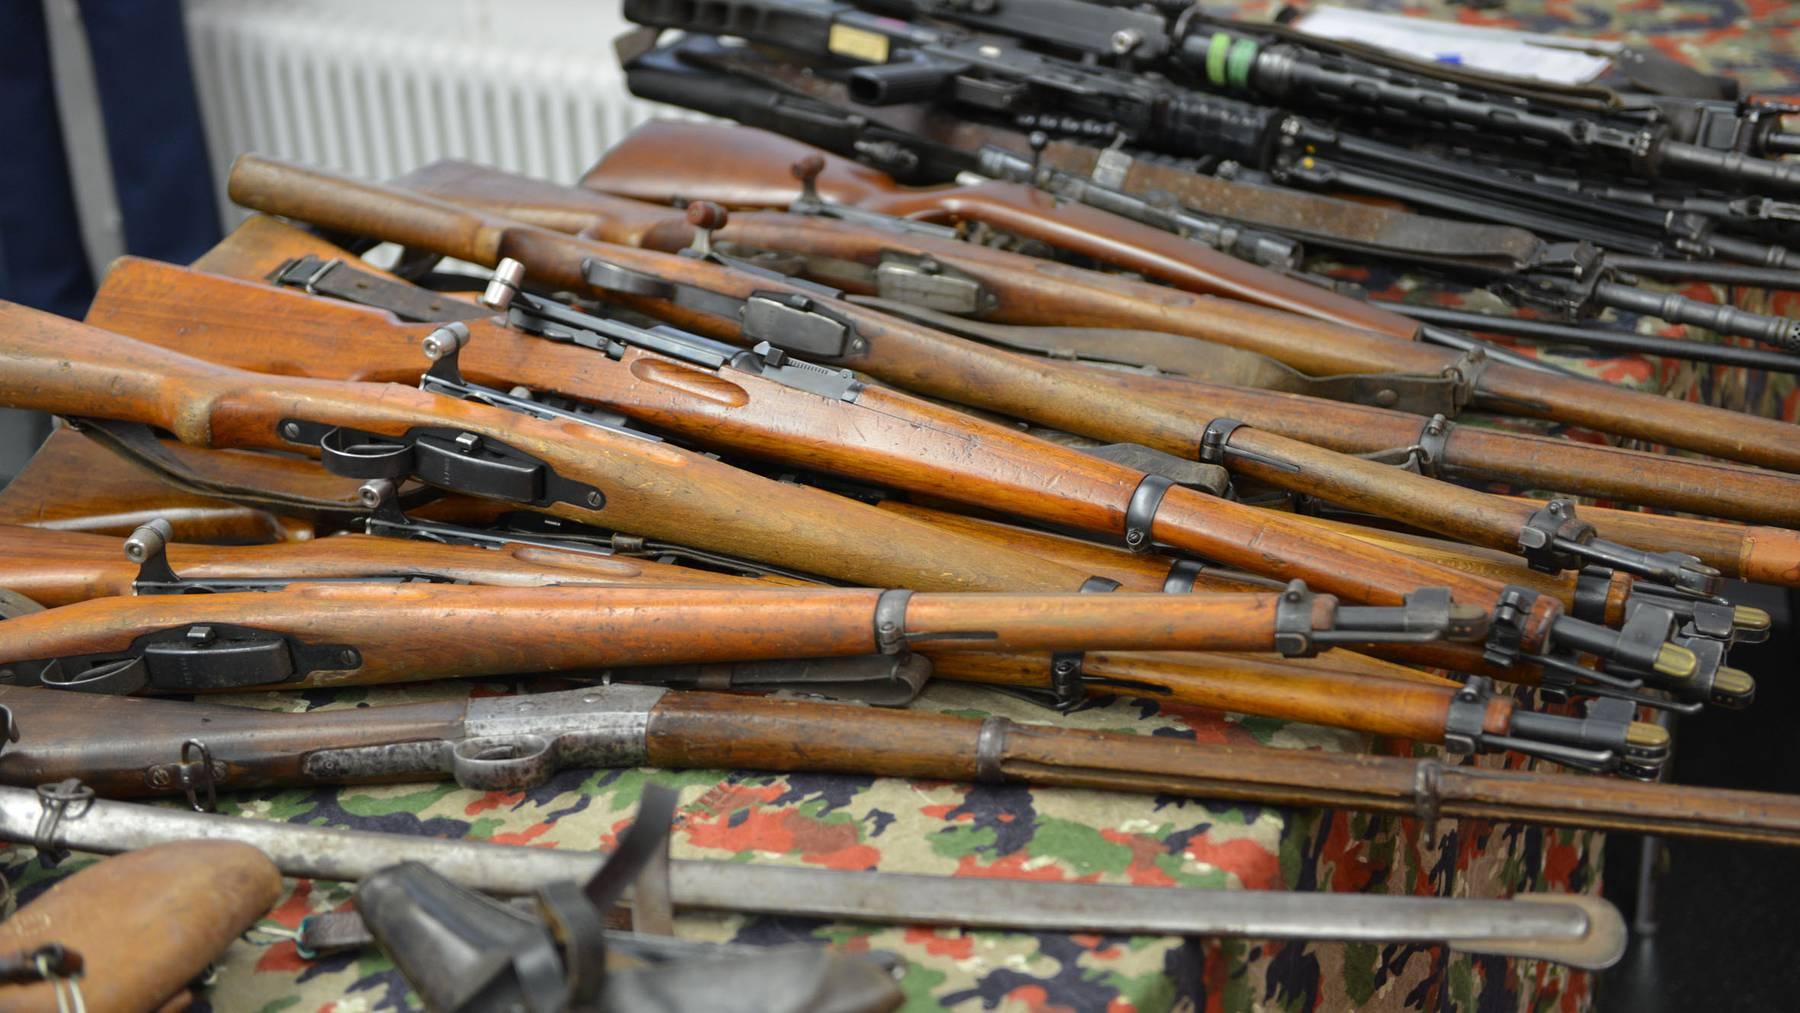 Abstimmung über die Umsetzung der EU-Waffenrichtlinie